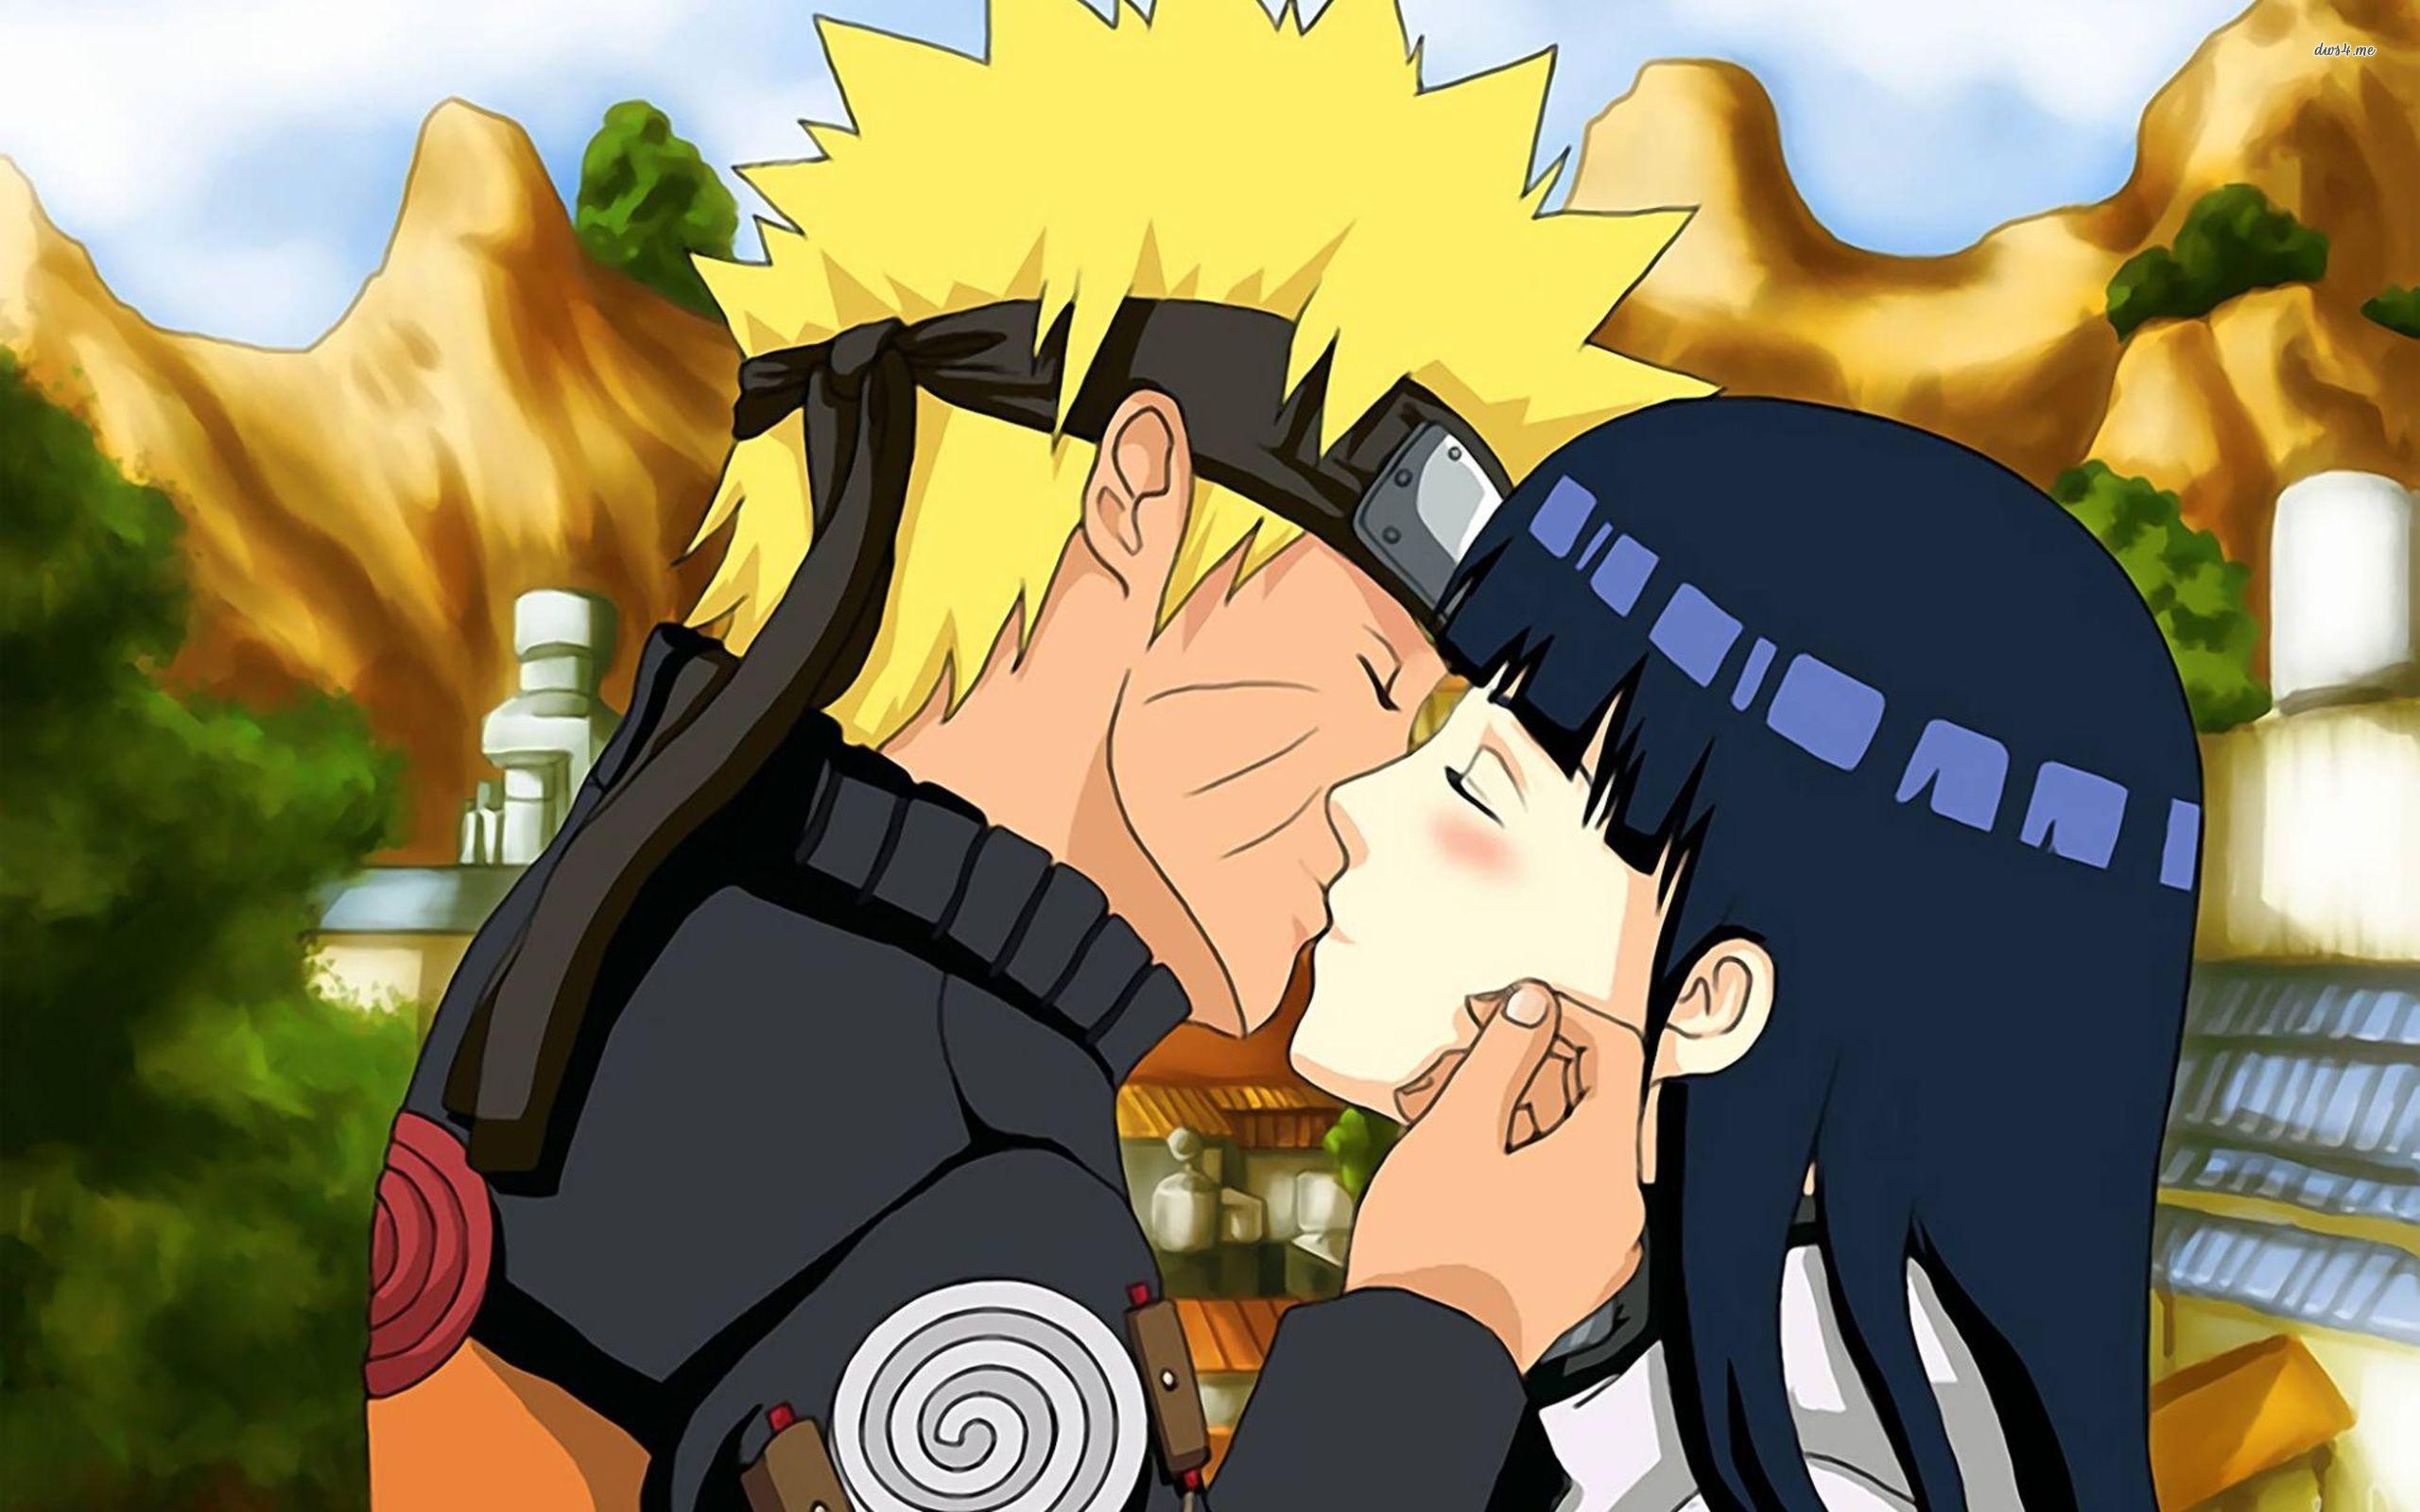 Naruto fondo de los personajes Naruto y Hinata